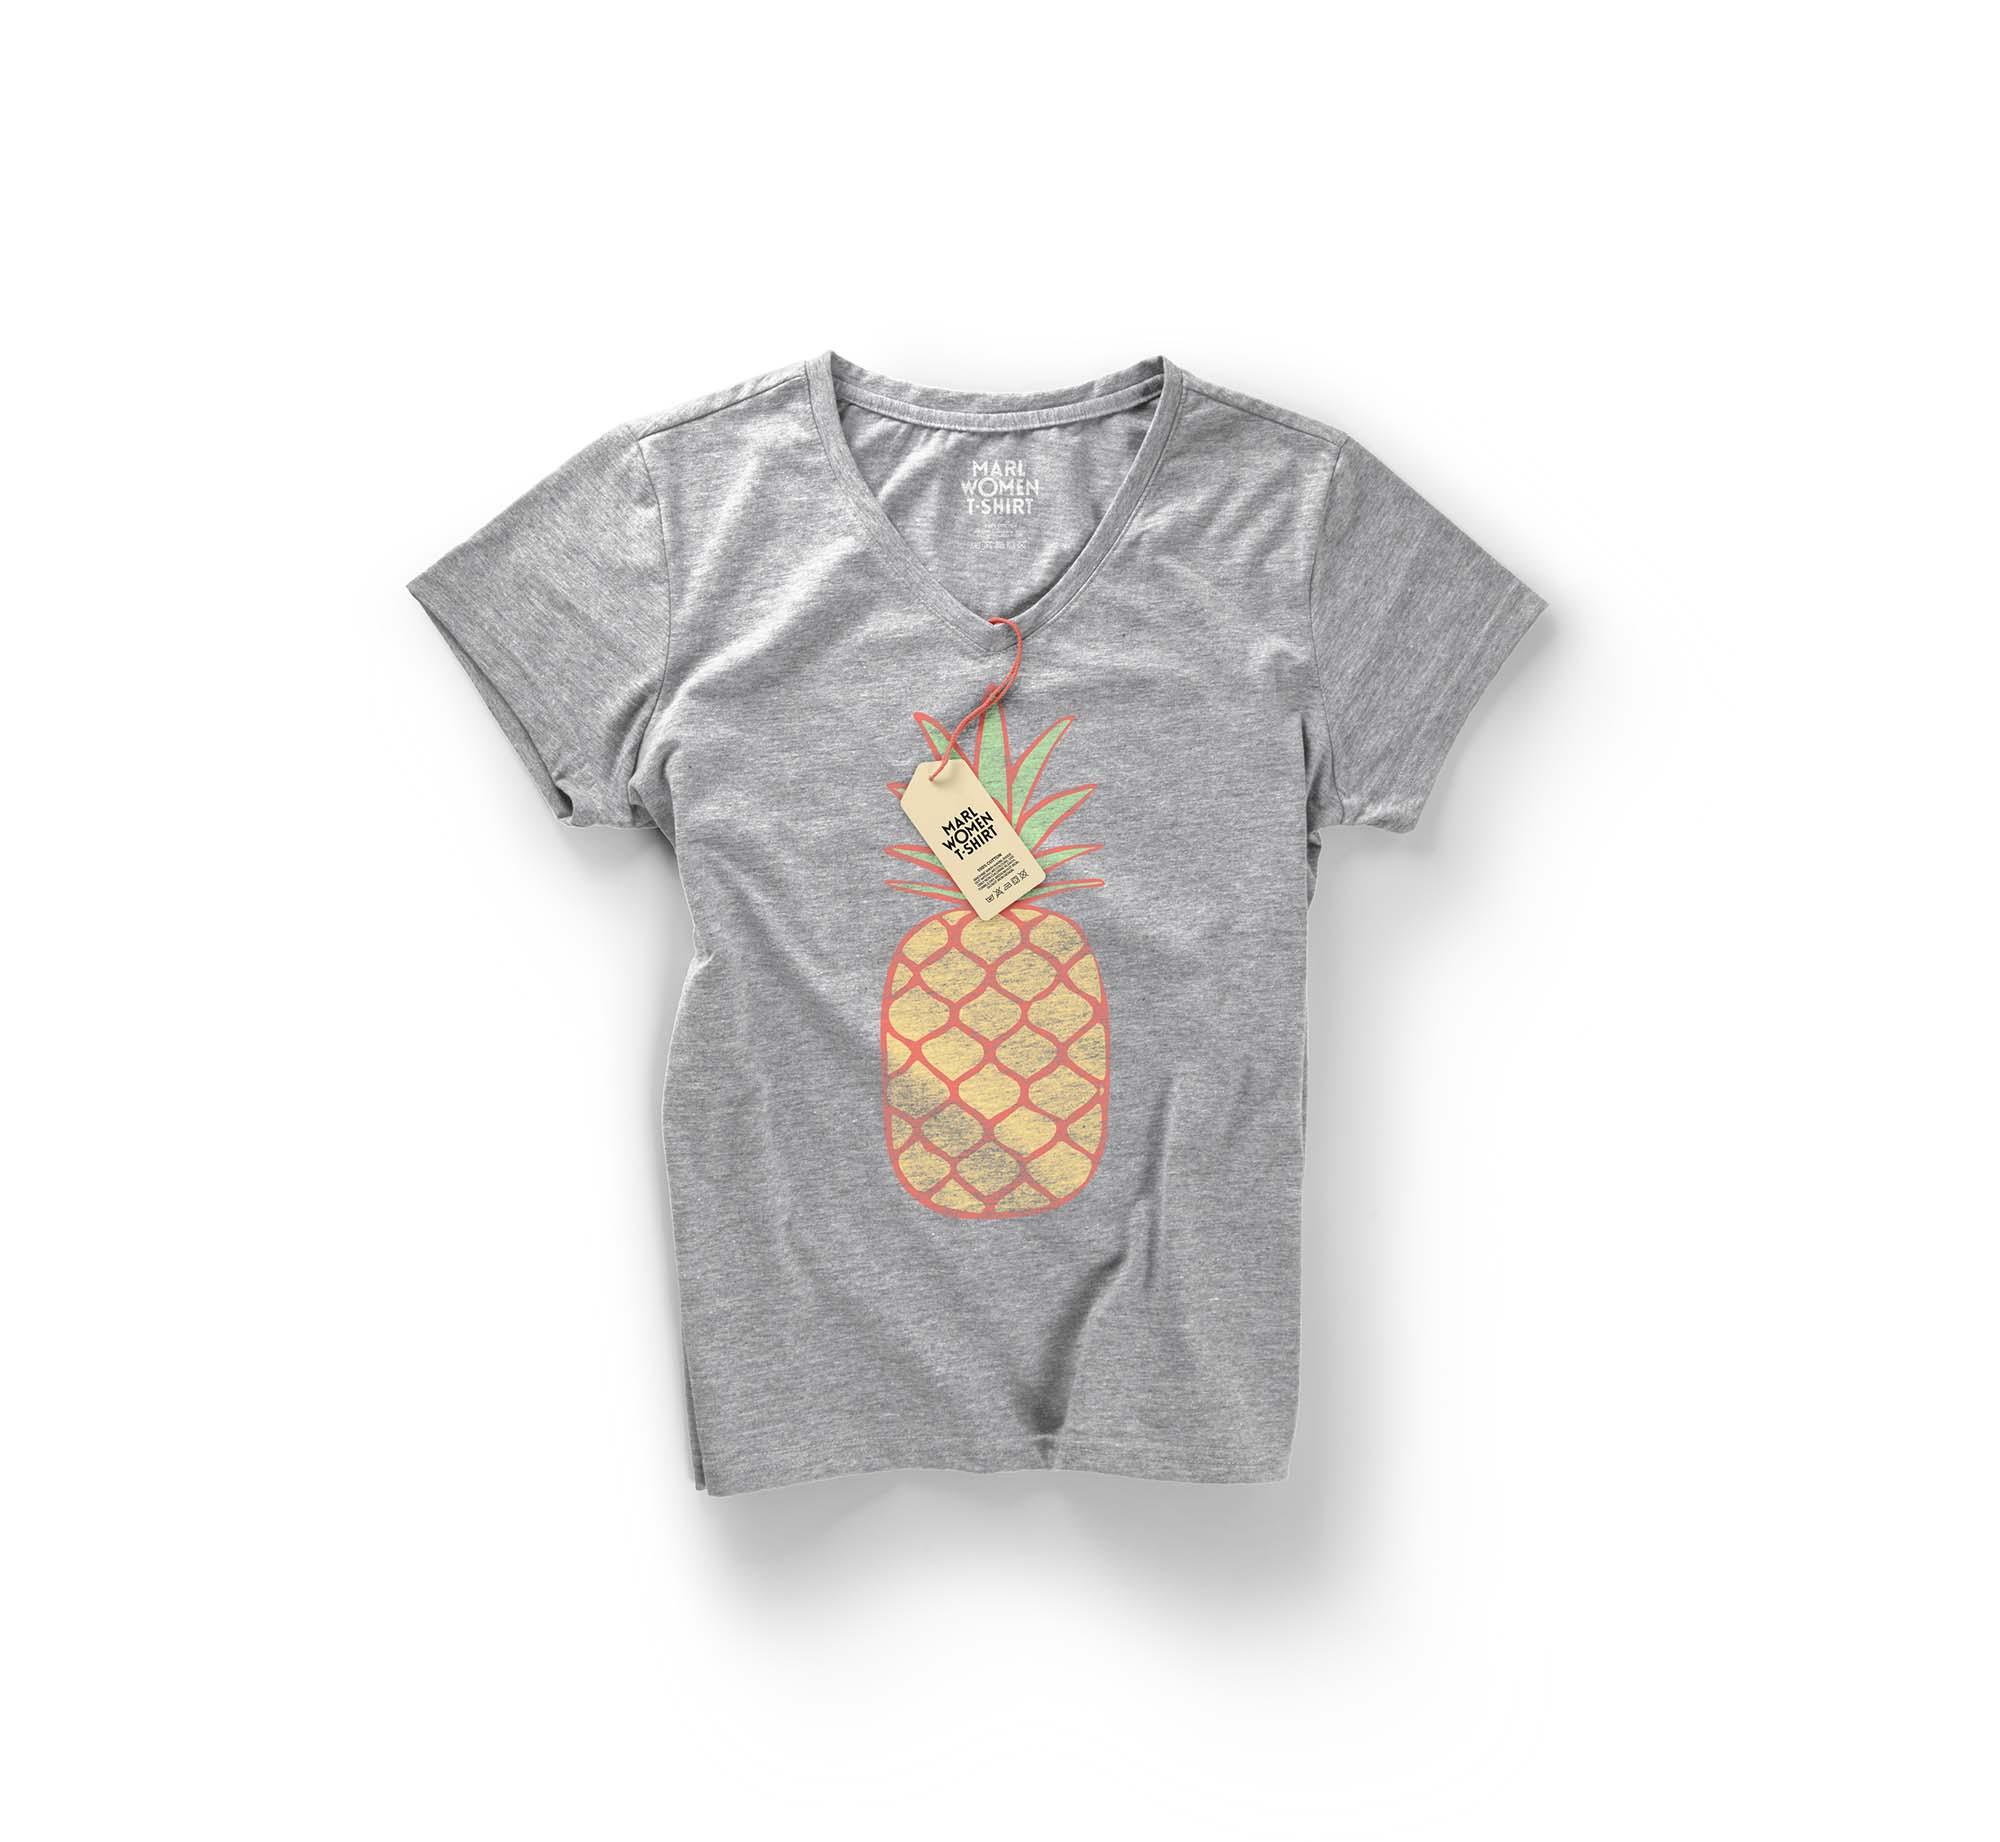 Woman Marl T-shirt Mockup